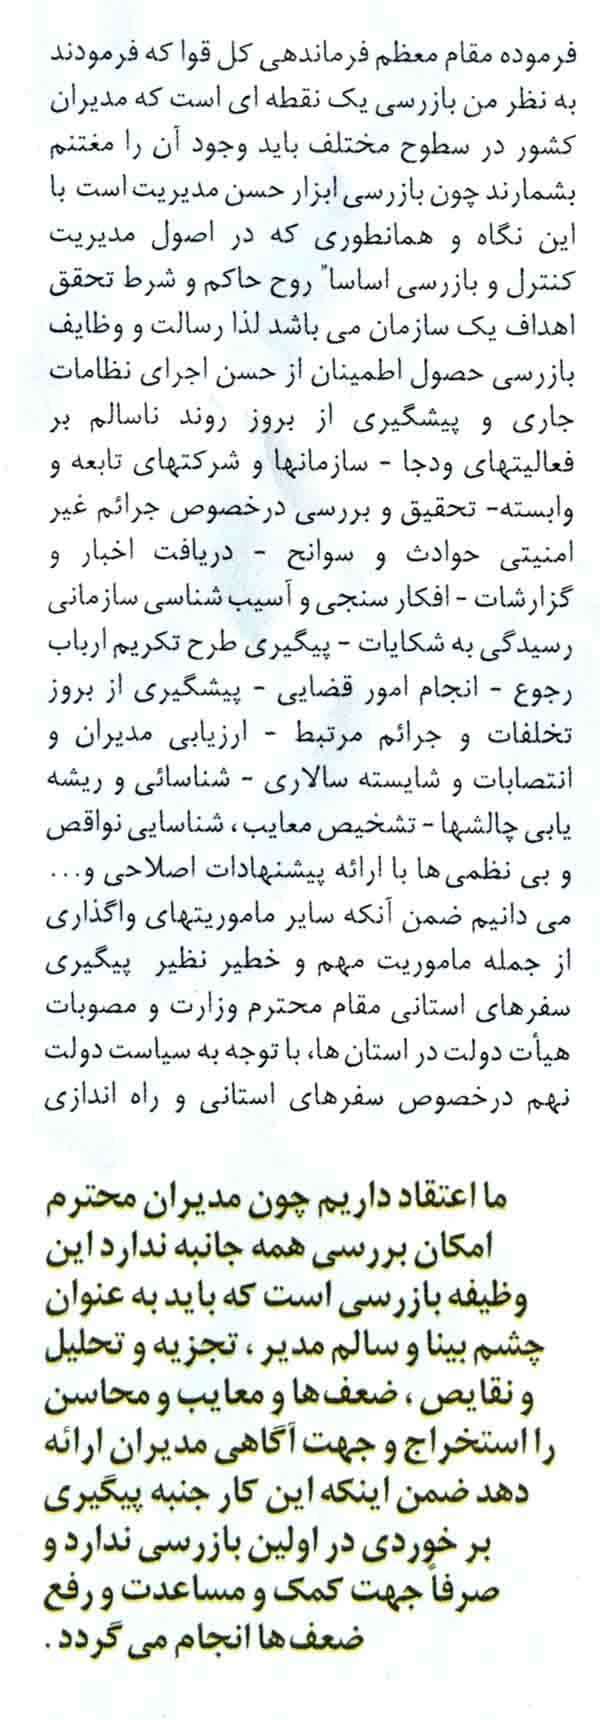 مصاحبه اختصاصی نمایه دفاع با سردار جواد درویش وند- 7